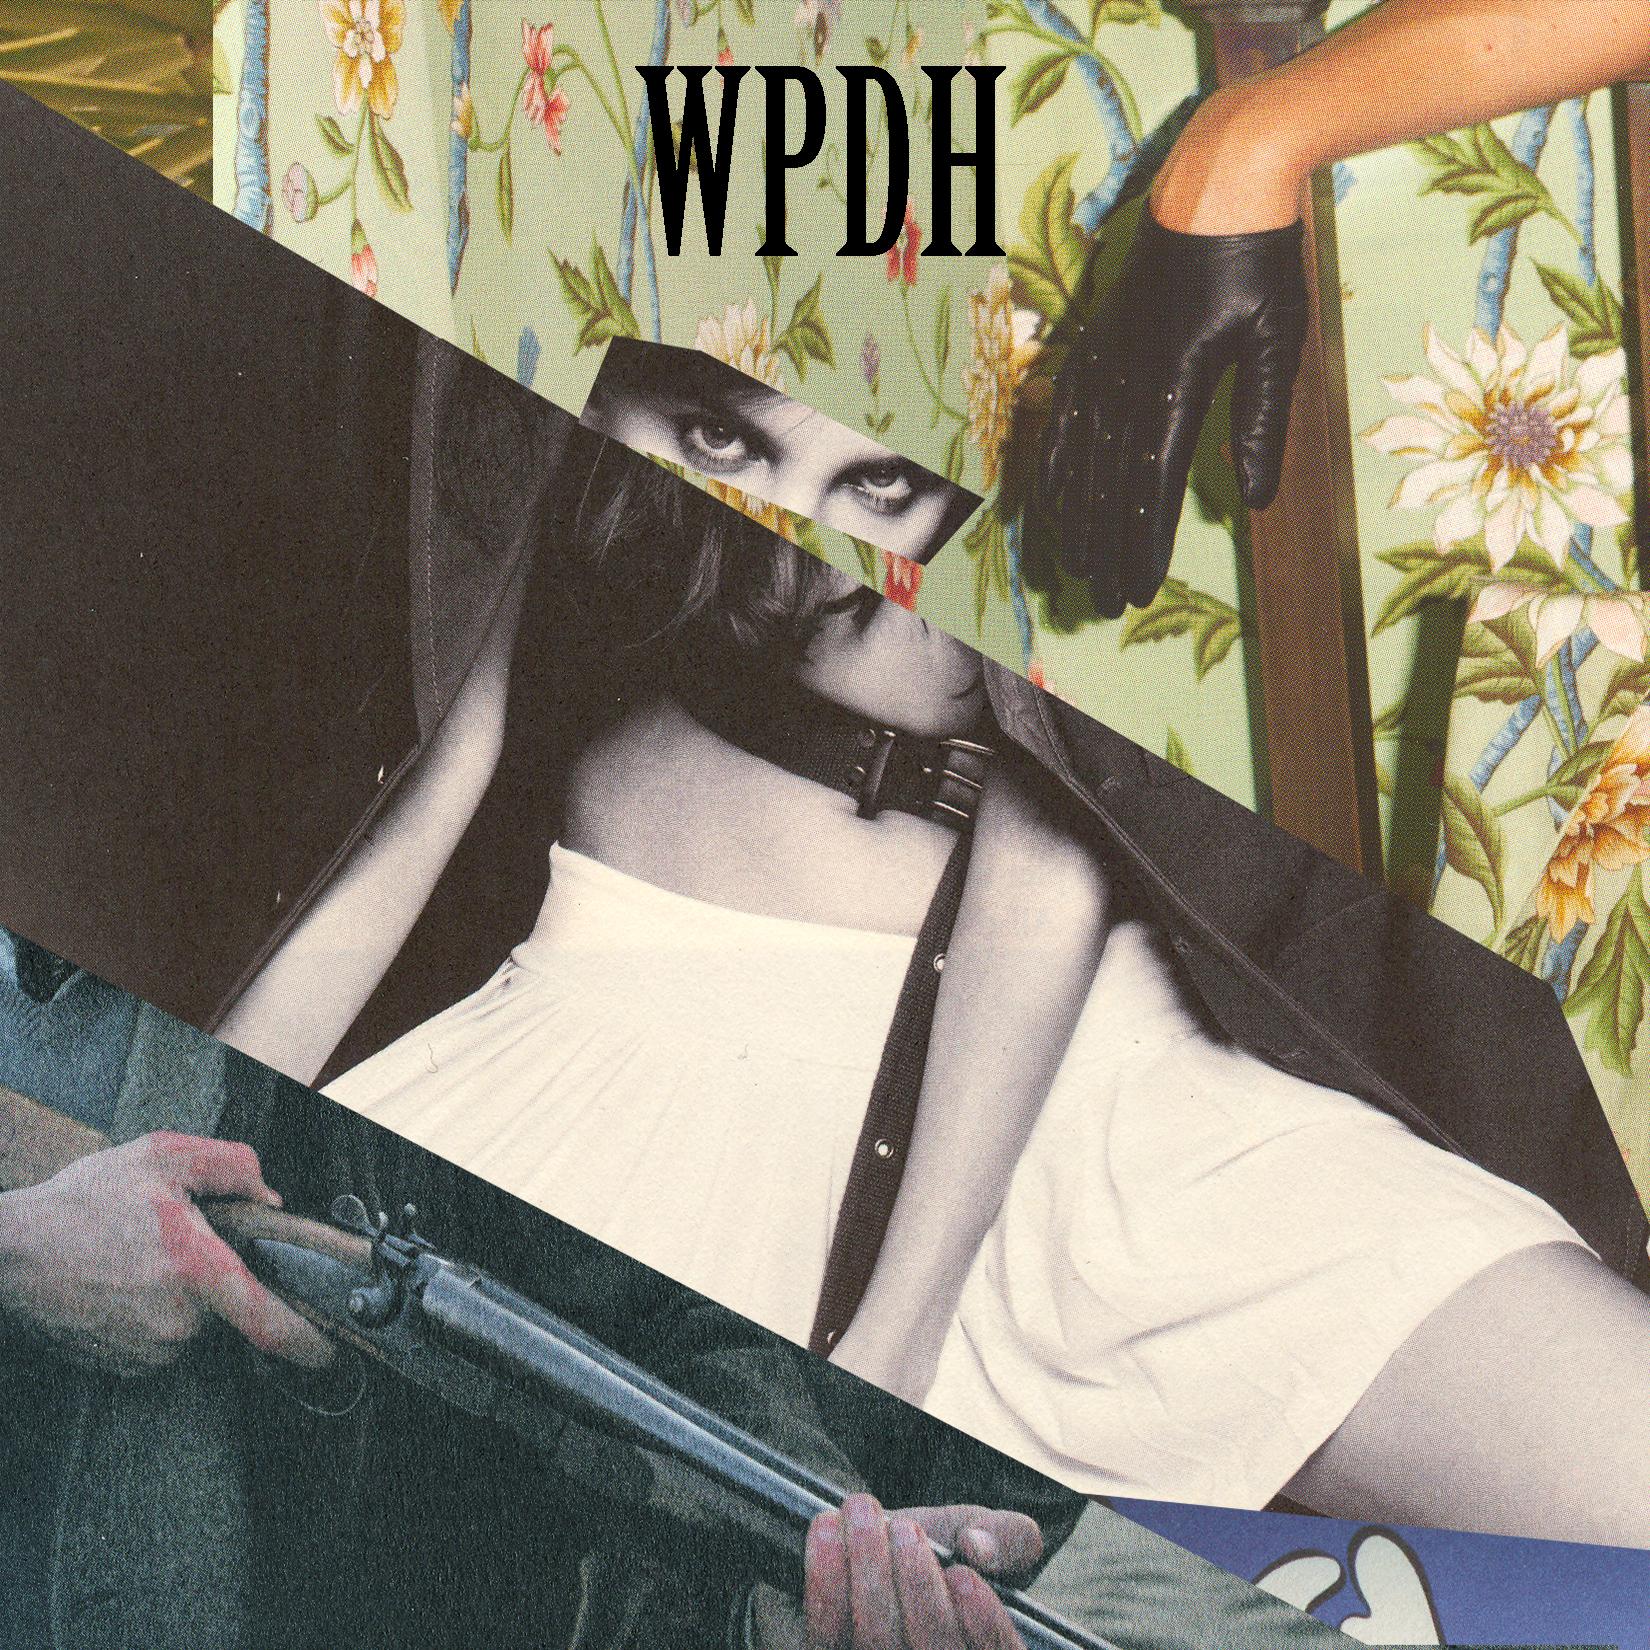 WPDH ART